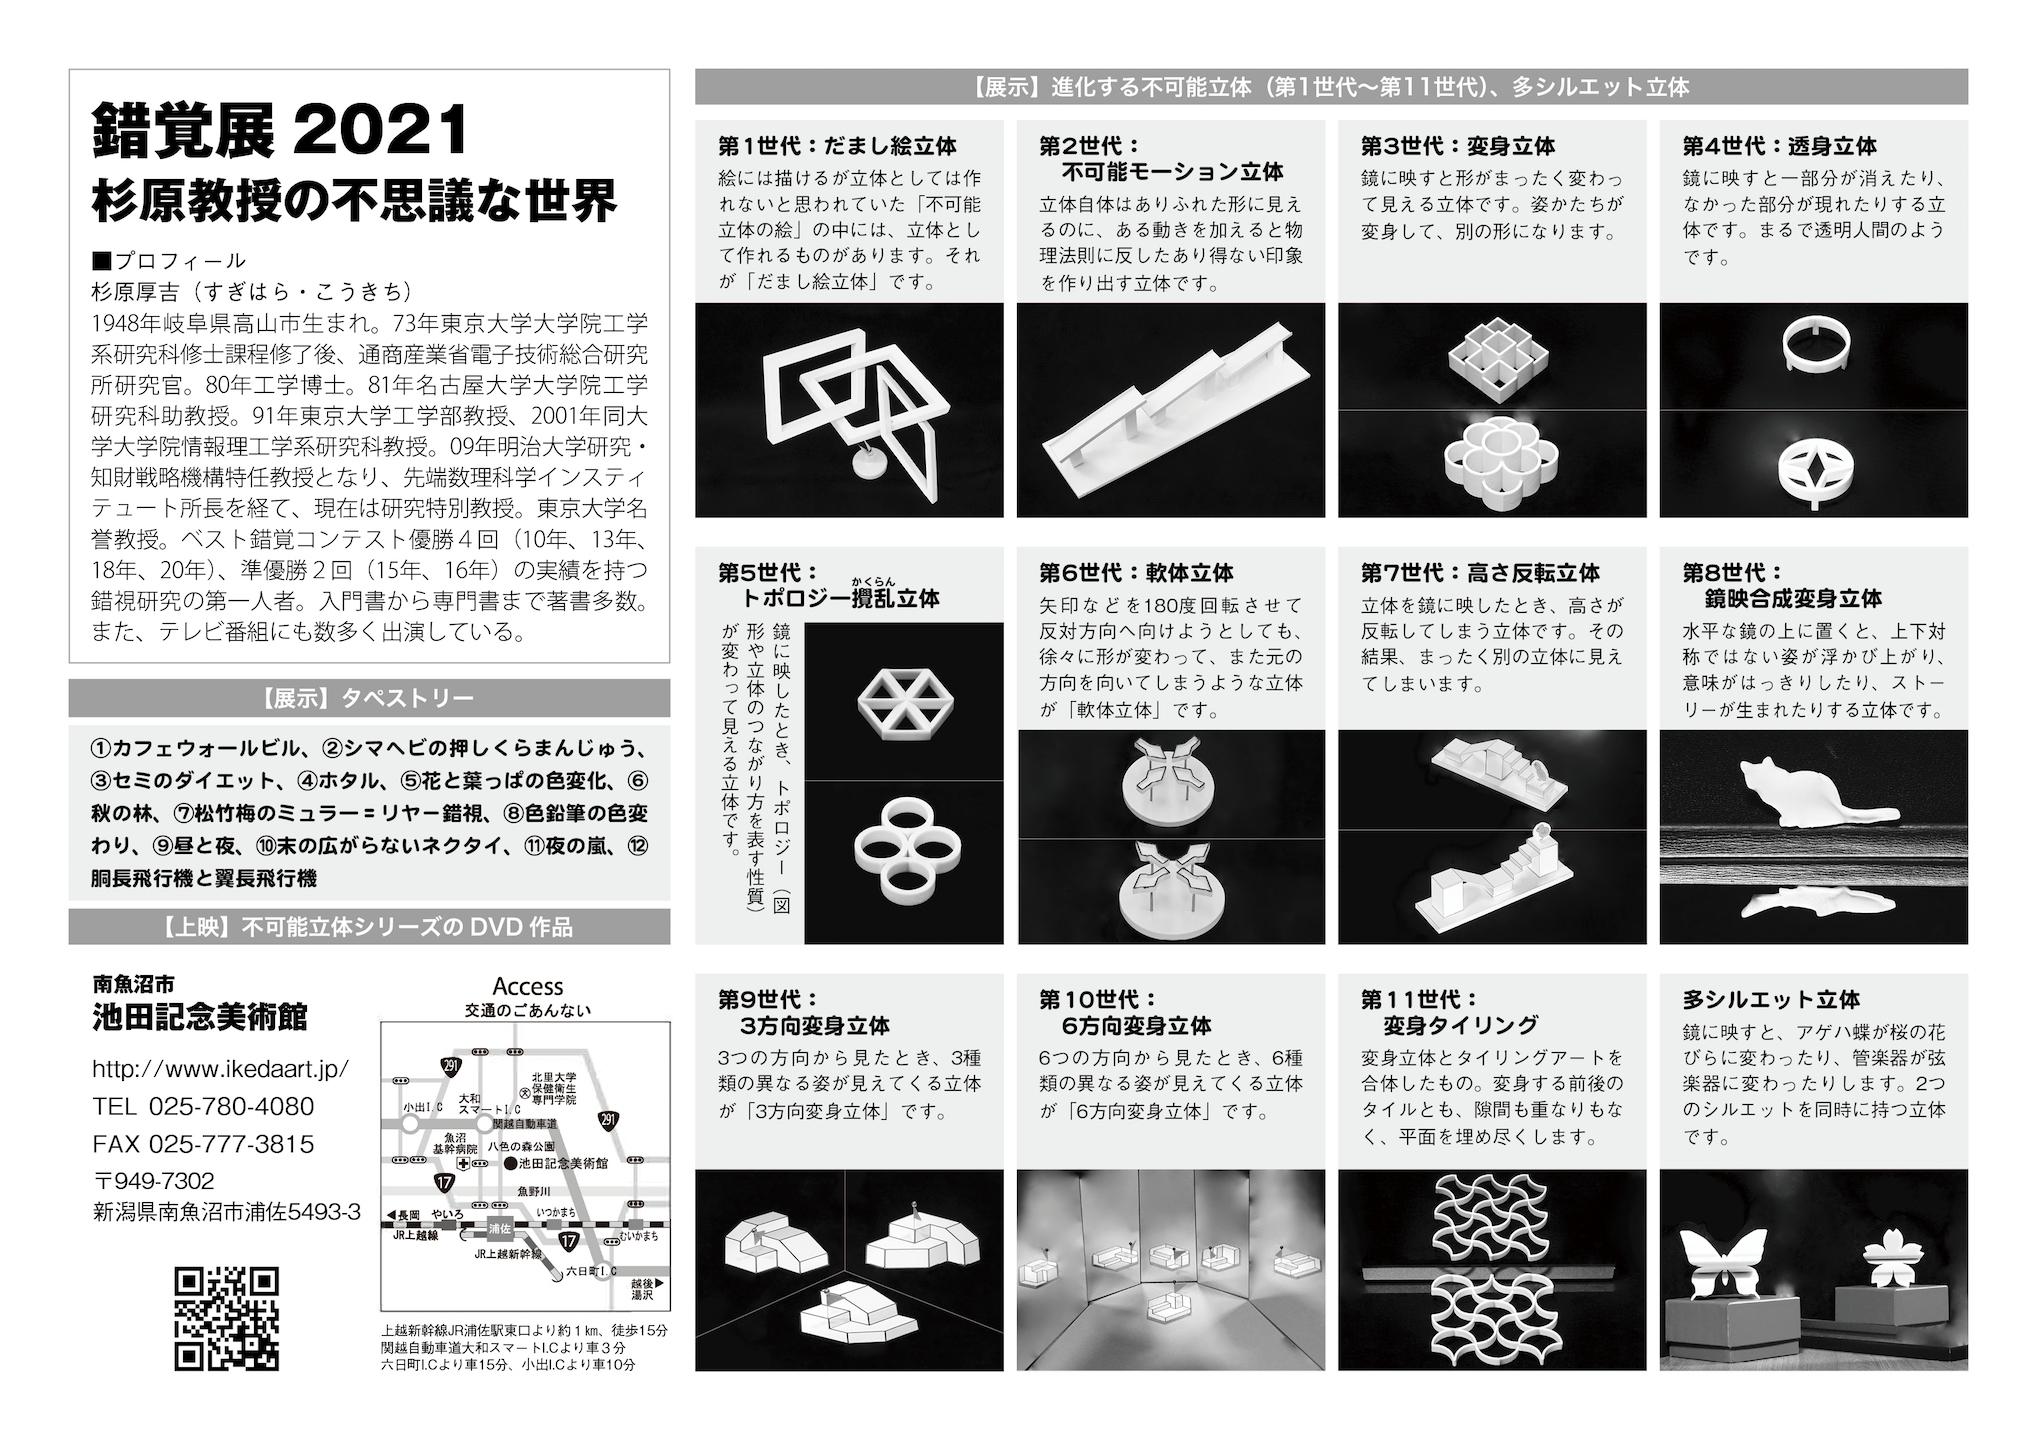 illusion2021-2